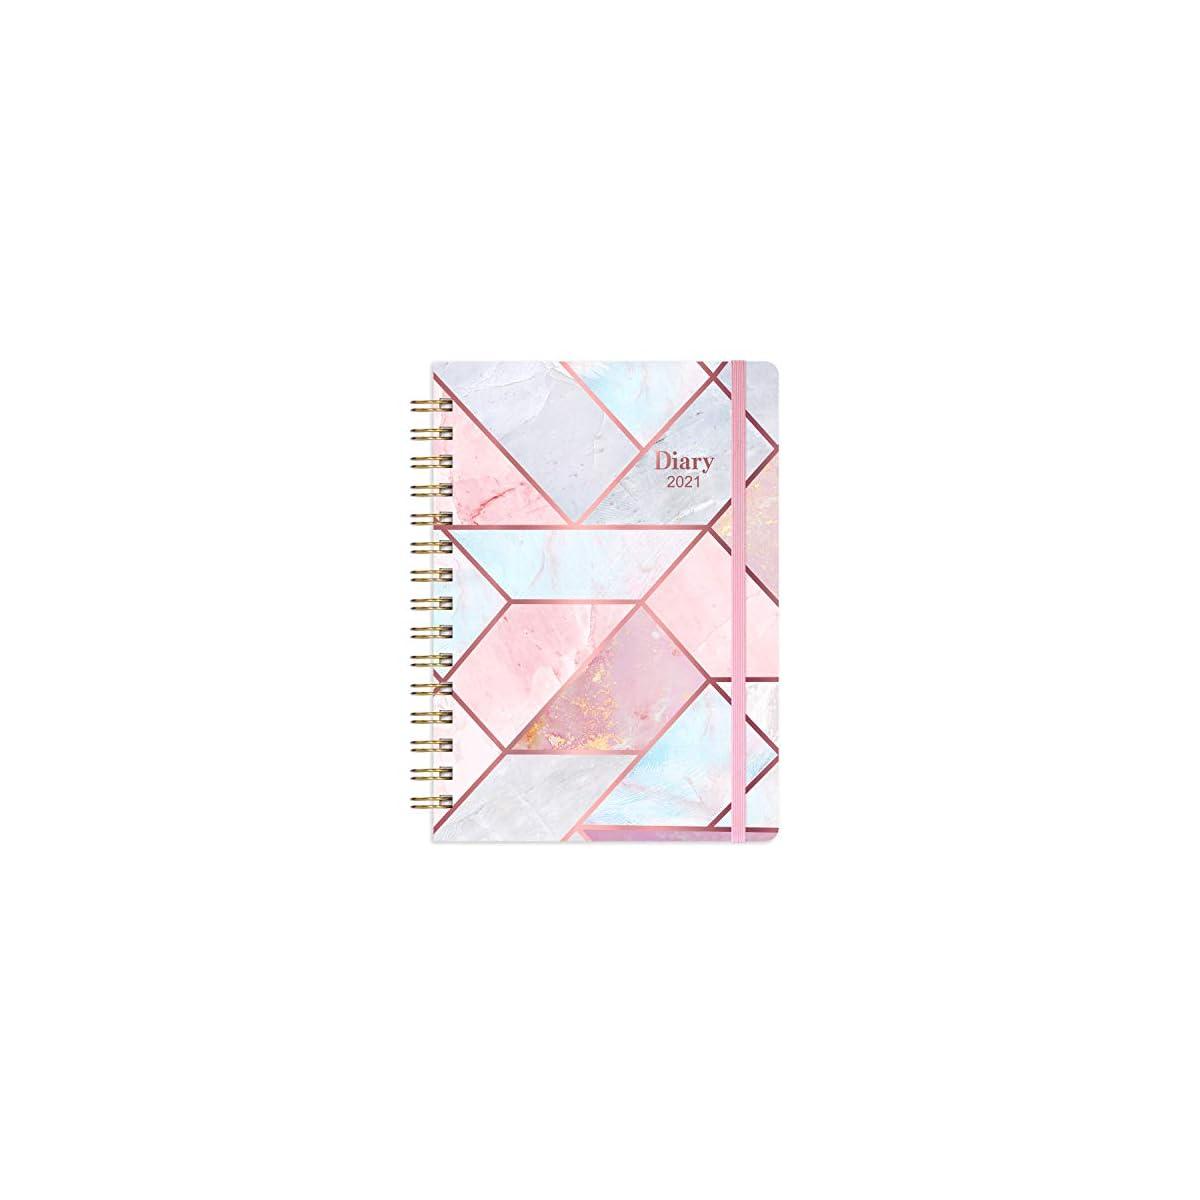 Agenda 2021 Eono A5 Agenda Settimanale con Due Adesivi Bianco Etichetta Mensile e Tasca Interna Espandibile 21,5 x 15,5 x 1,5 cm